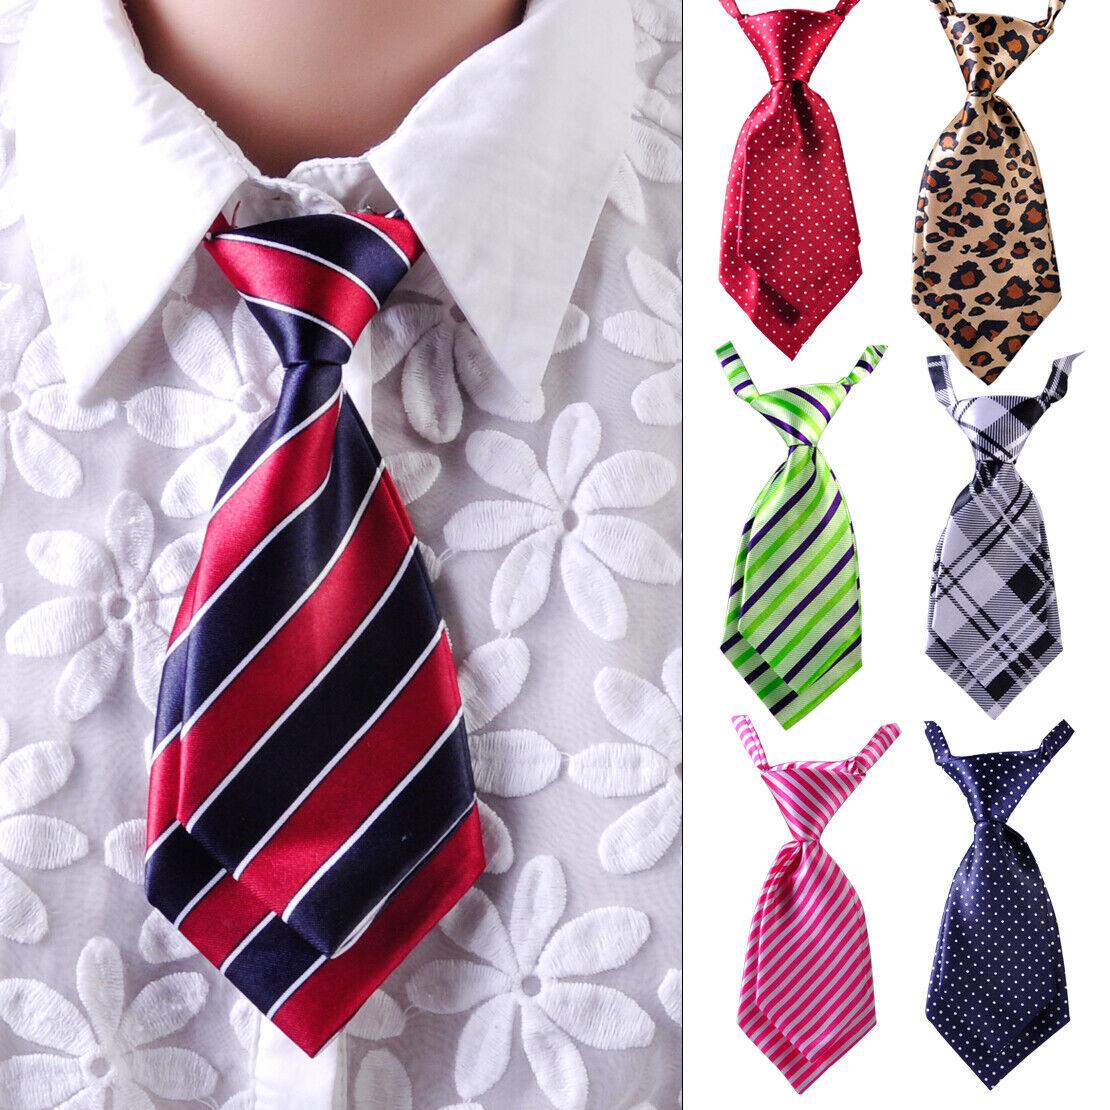 Fashion Women Girls Kids Casual Party Wedding Short Tie Necktie Neckwear Adjust